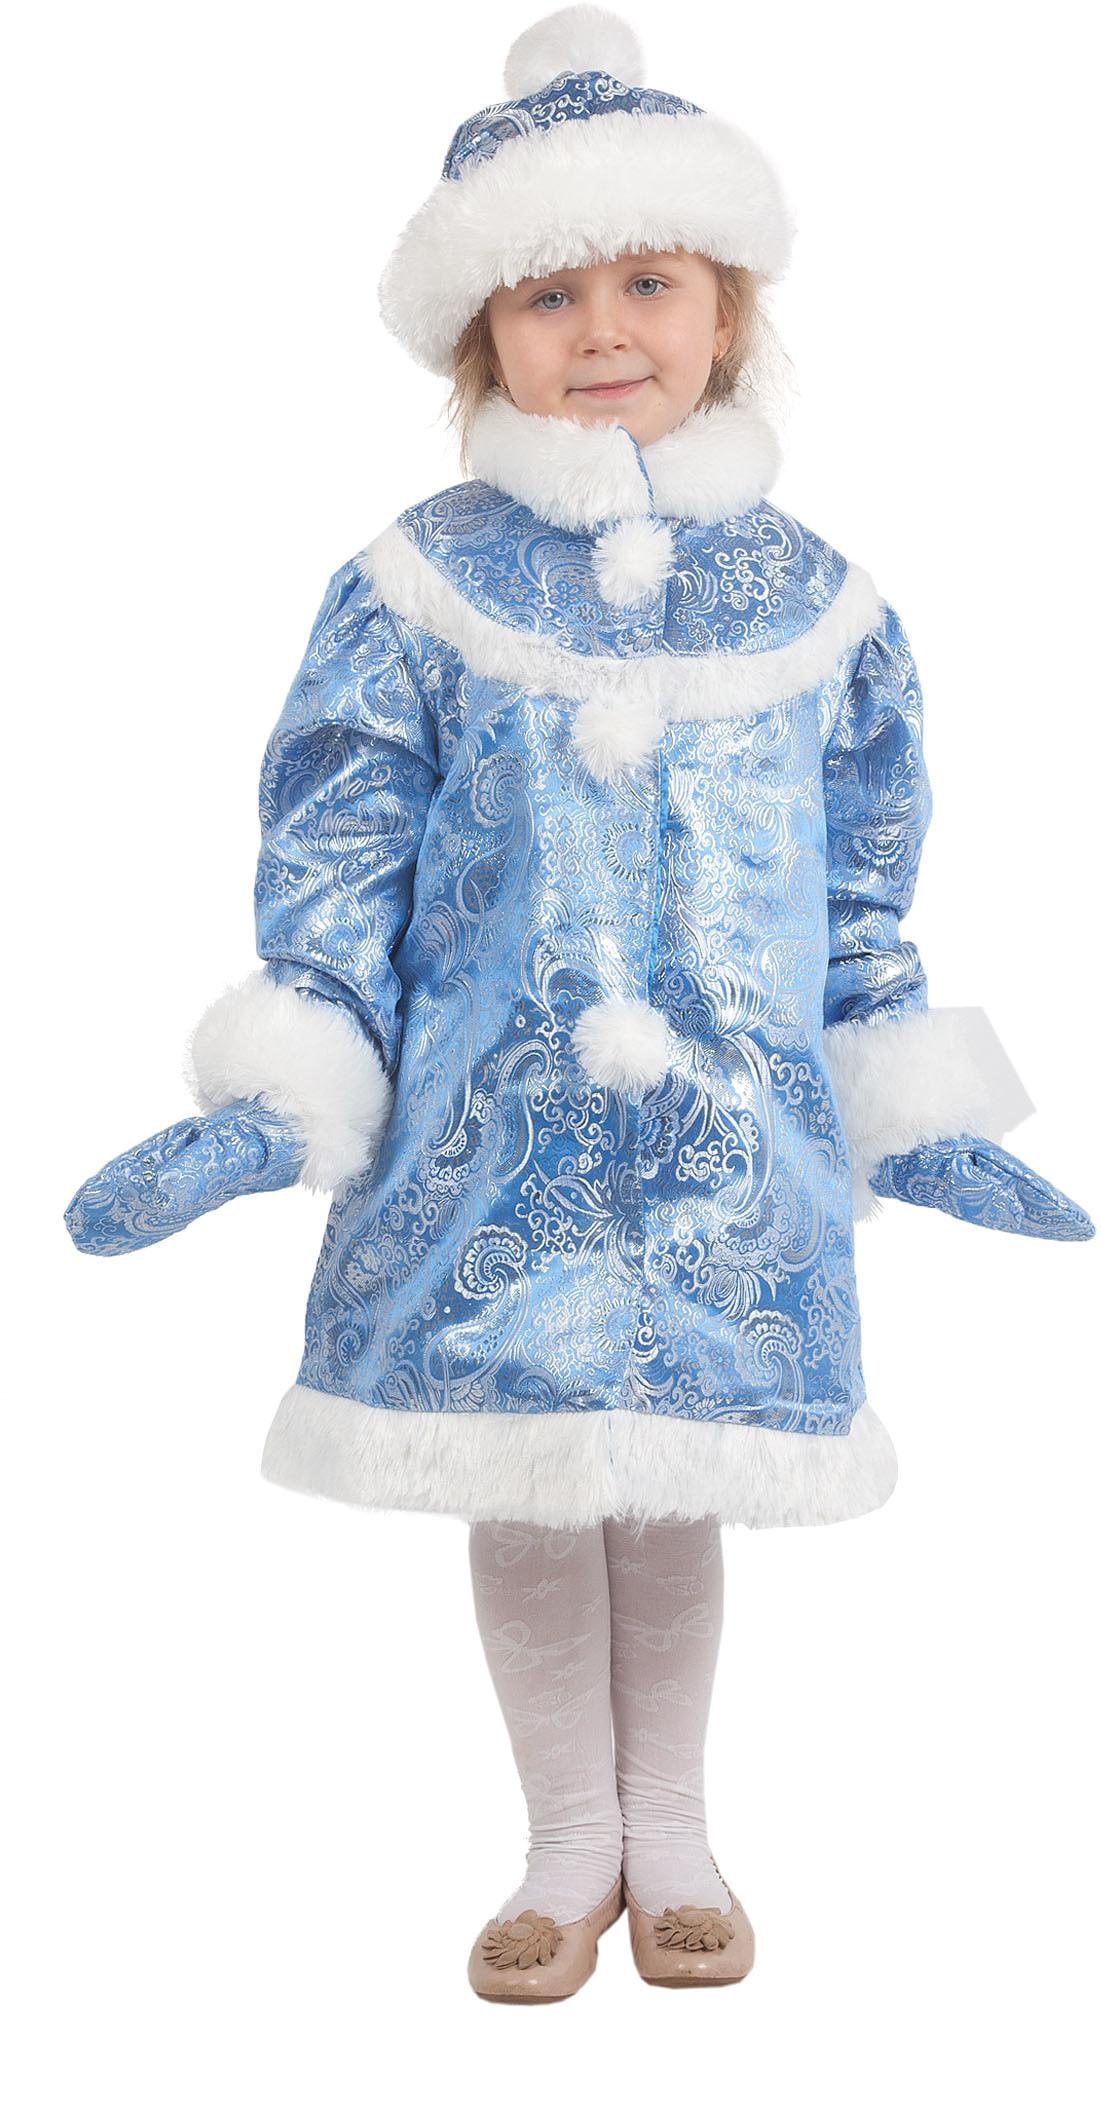 Купить Vm524, Костюм Волшебный мир Снегурочка Детский 128-134 см,